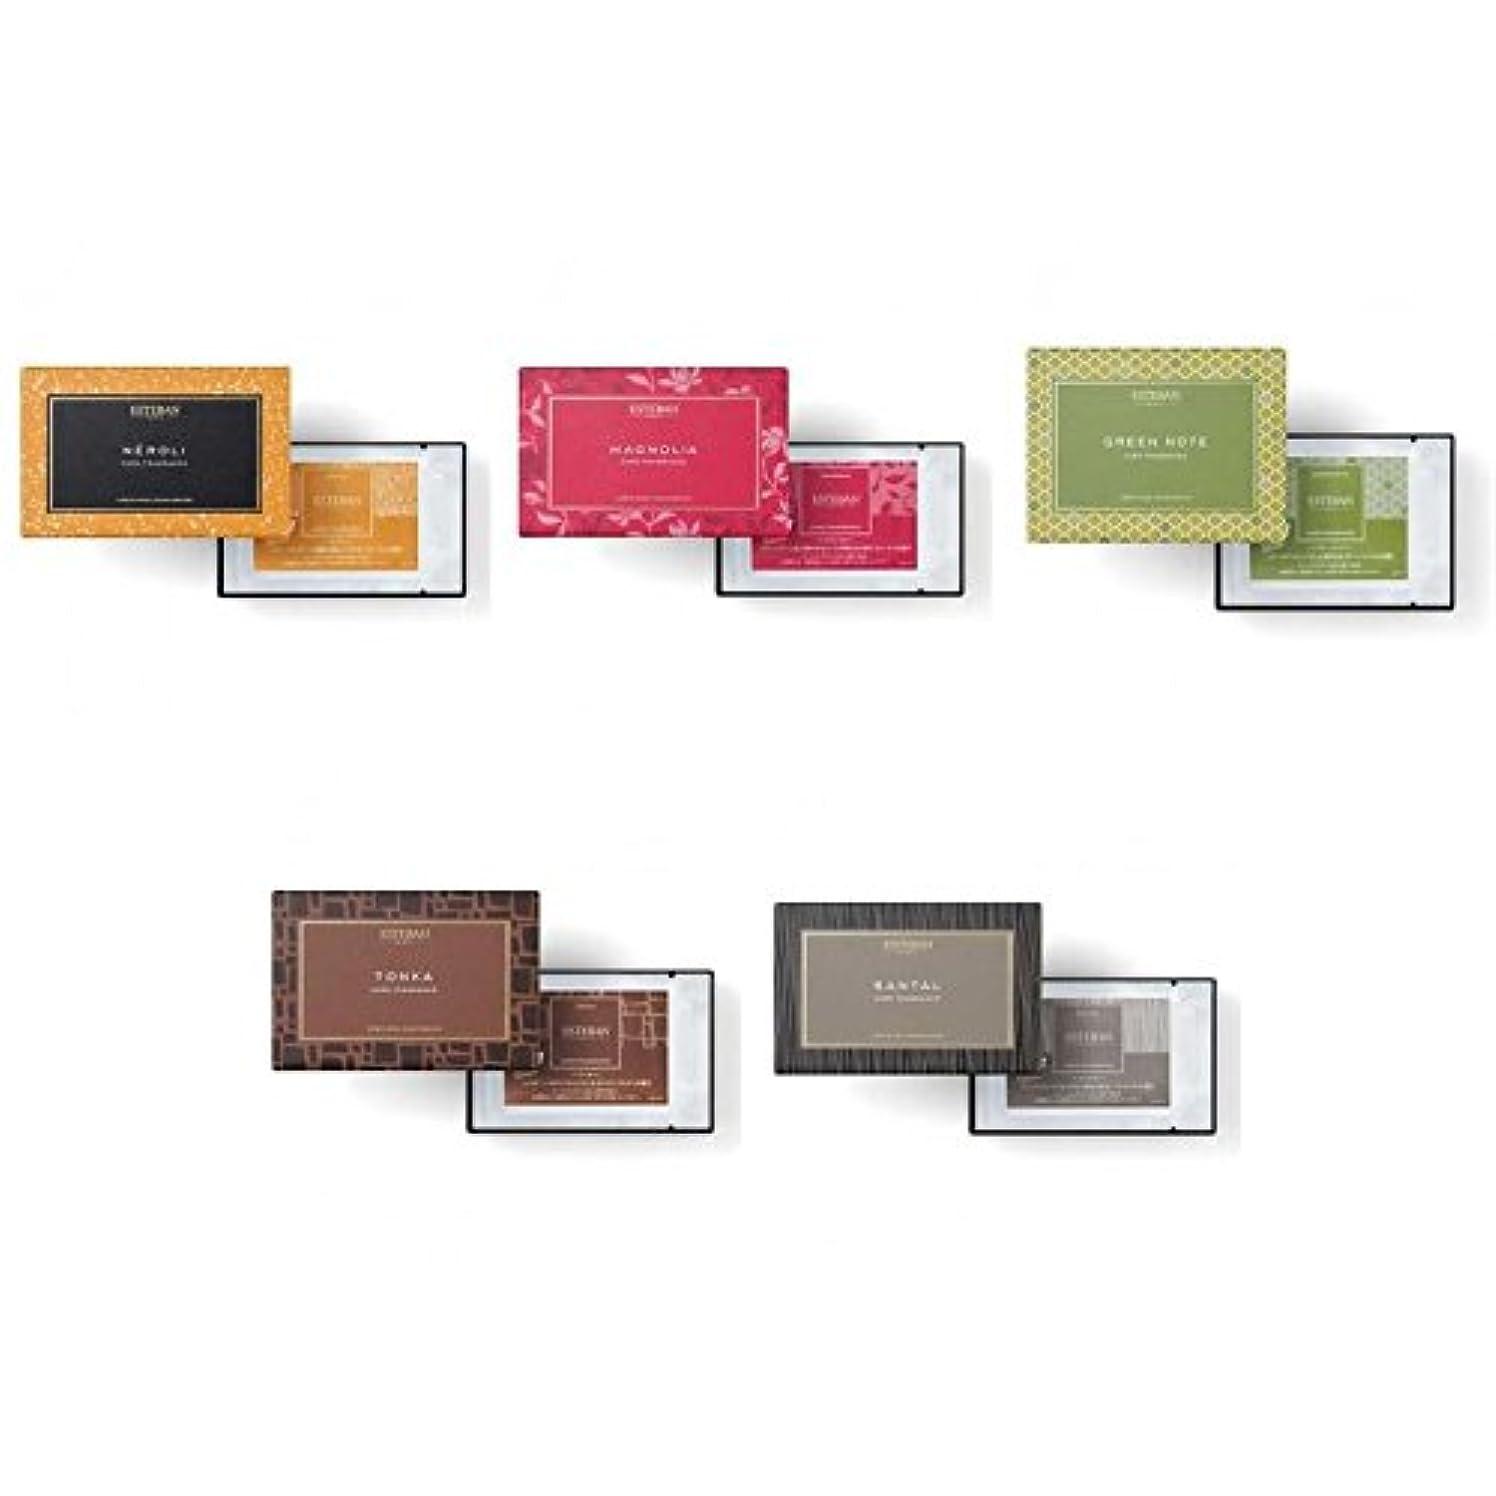 ペンス豆腐面積エステバン カードフレグランス 5種セット